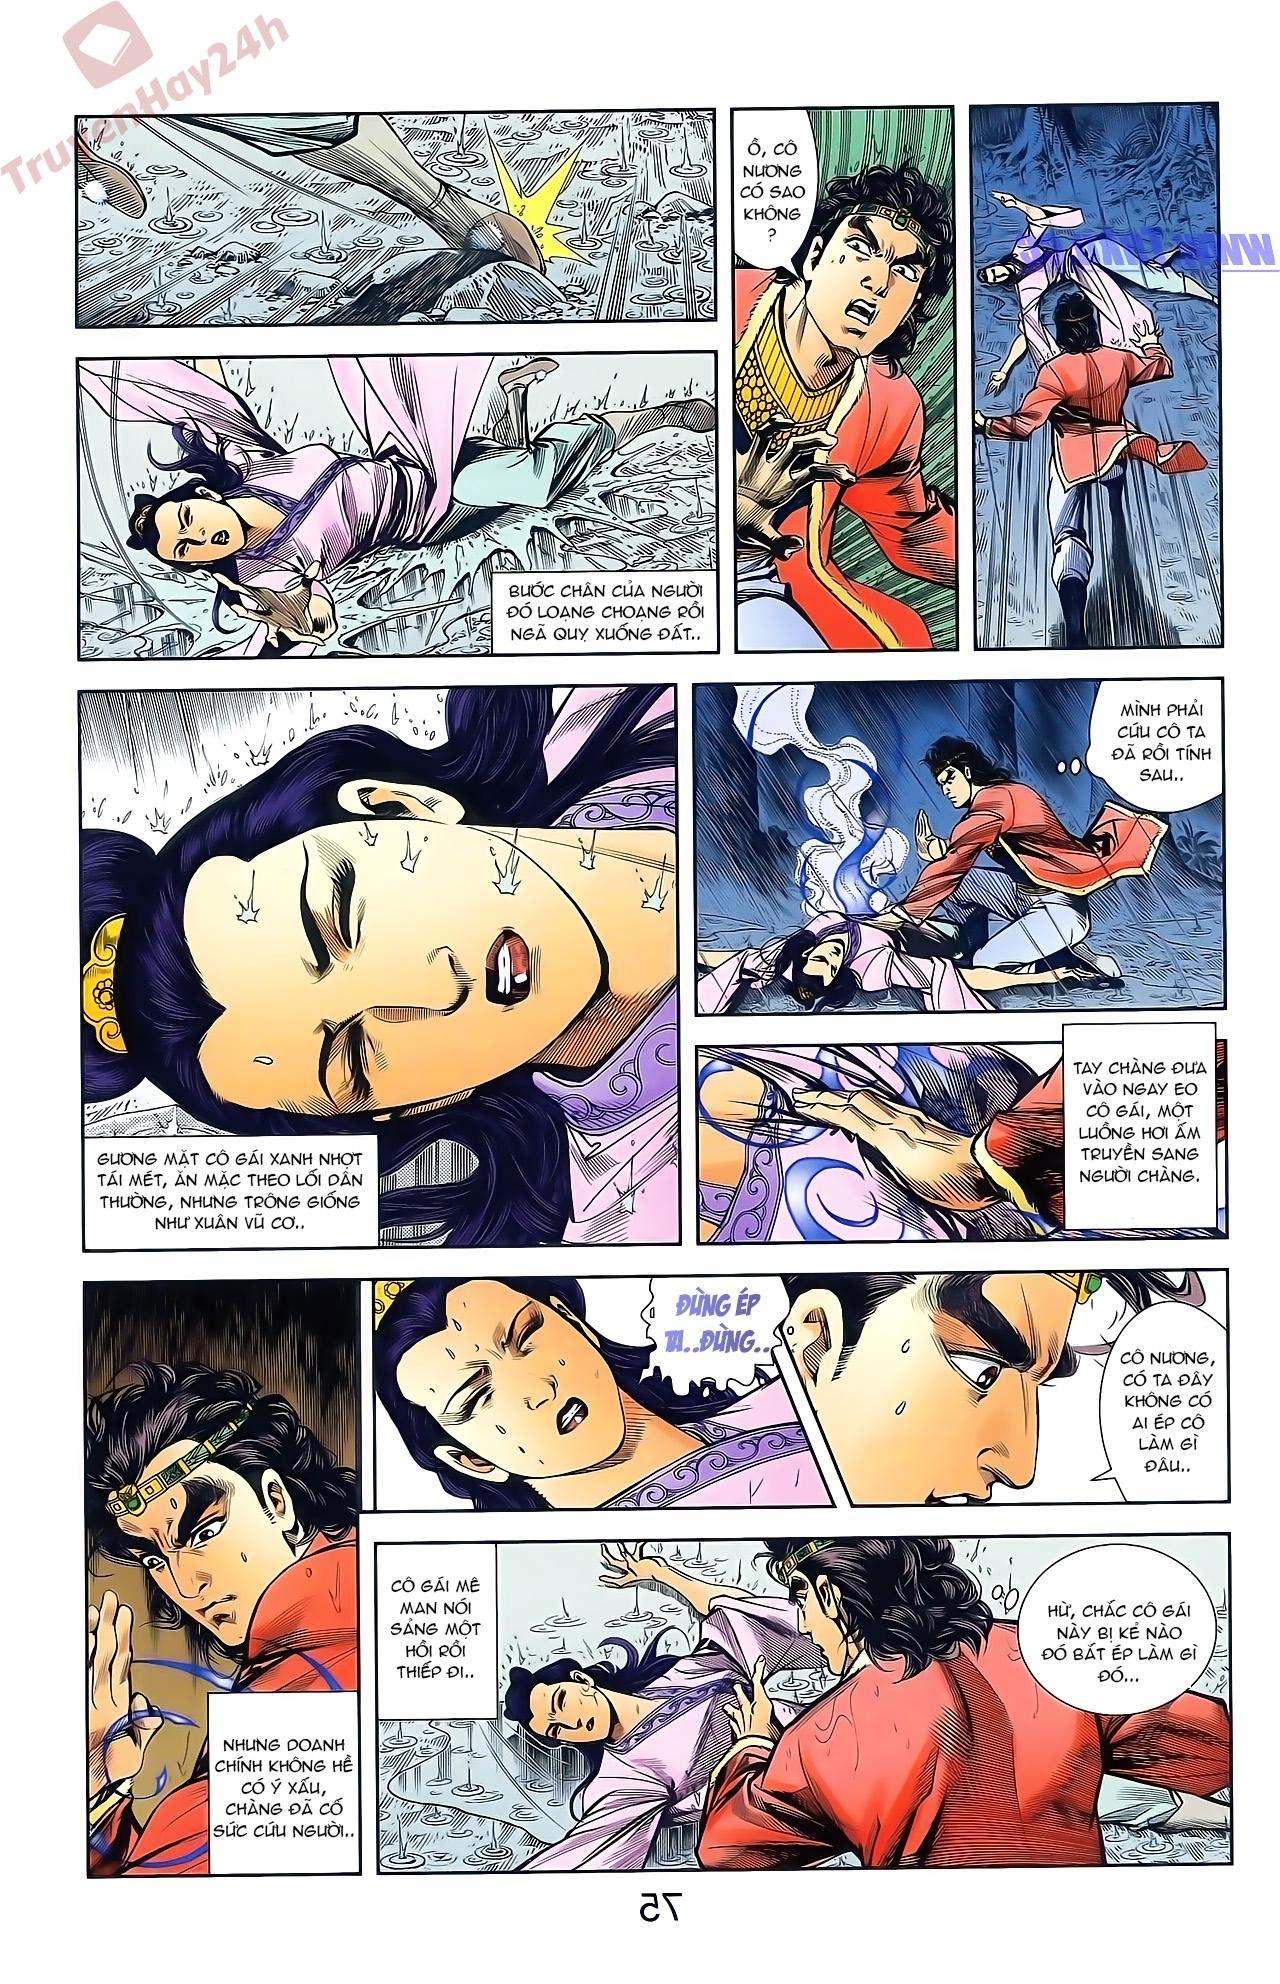 Tần Vương Doanh Chính chapter 47 trang 11